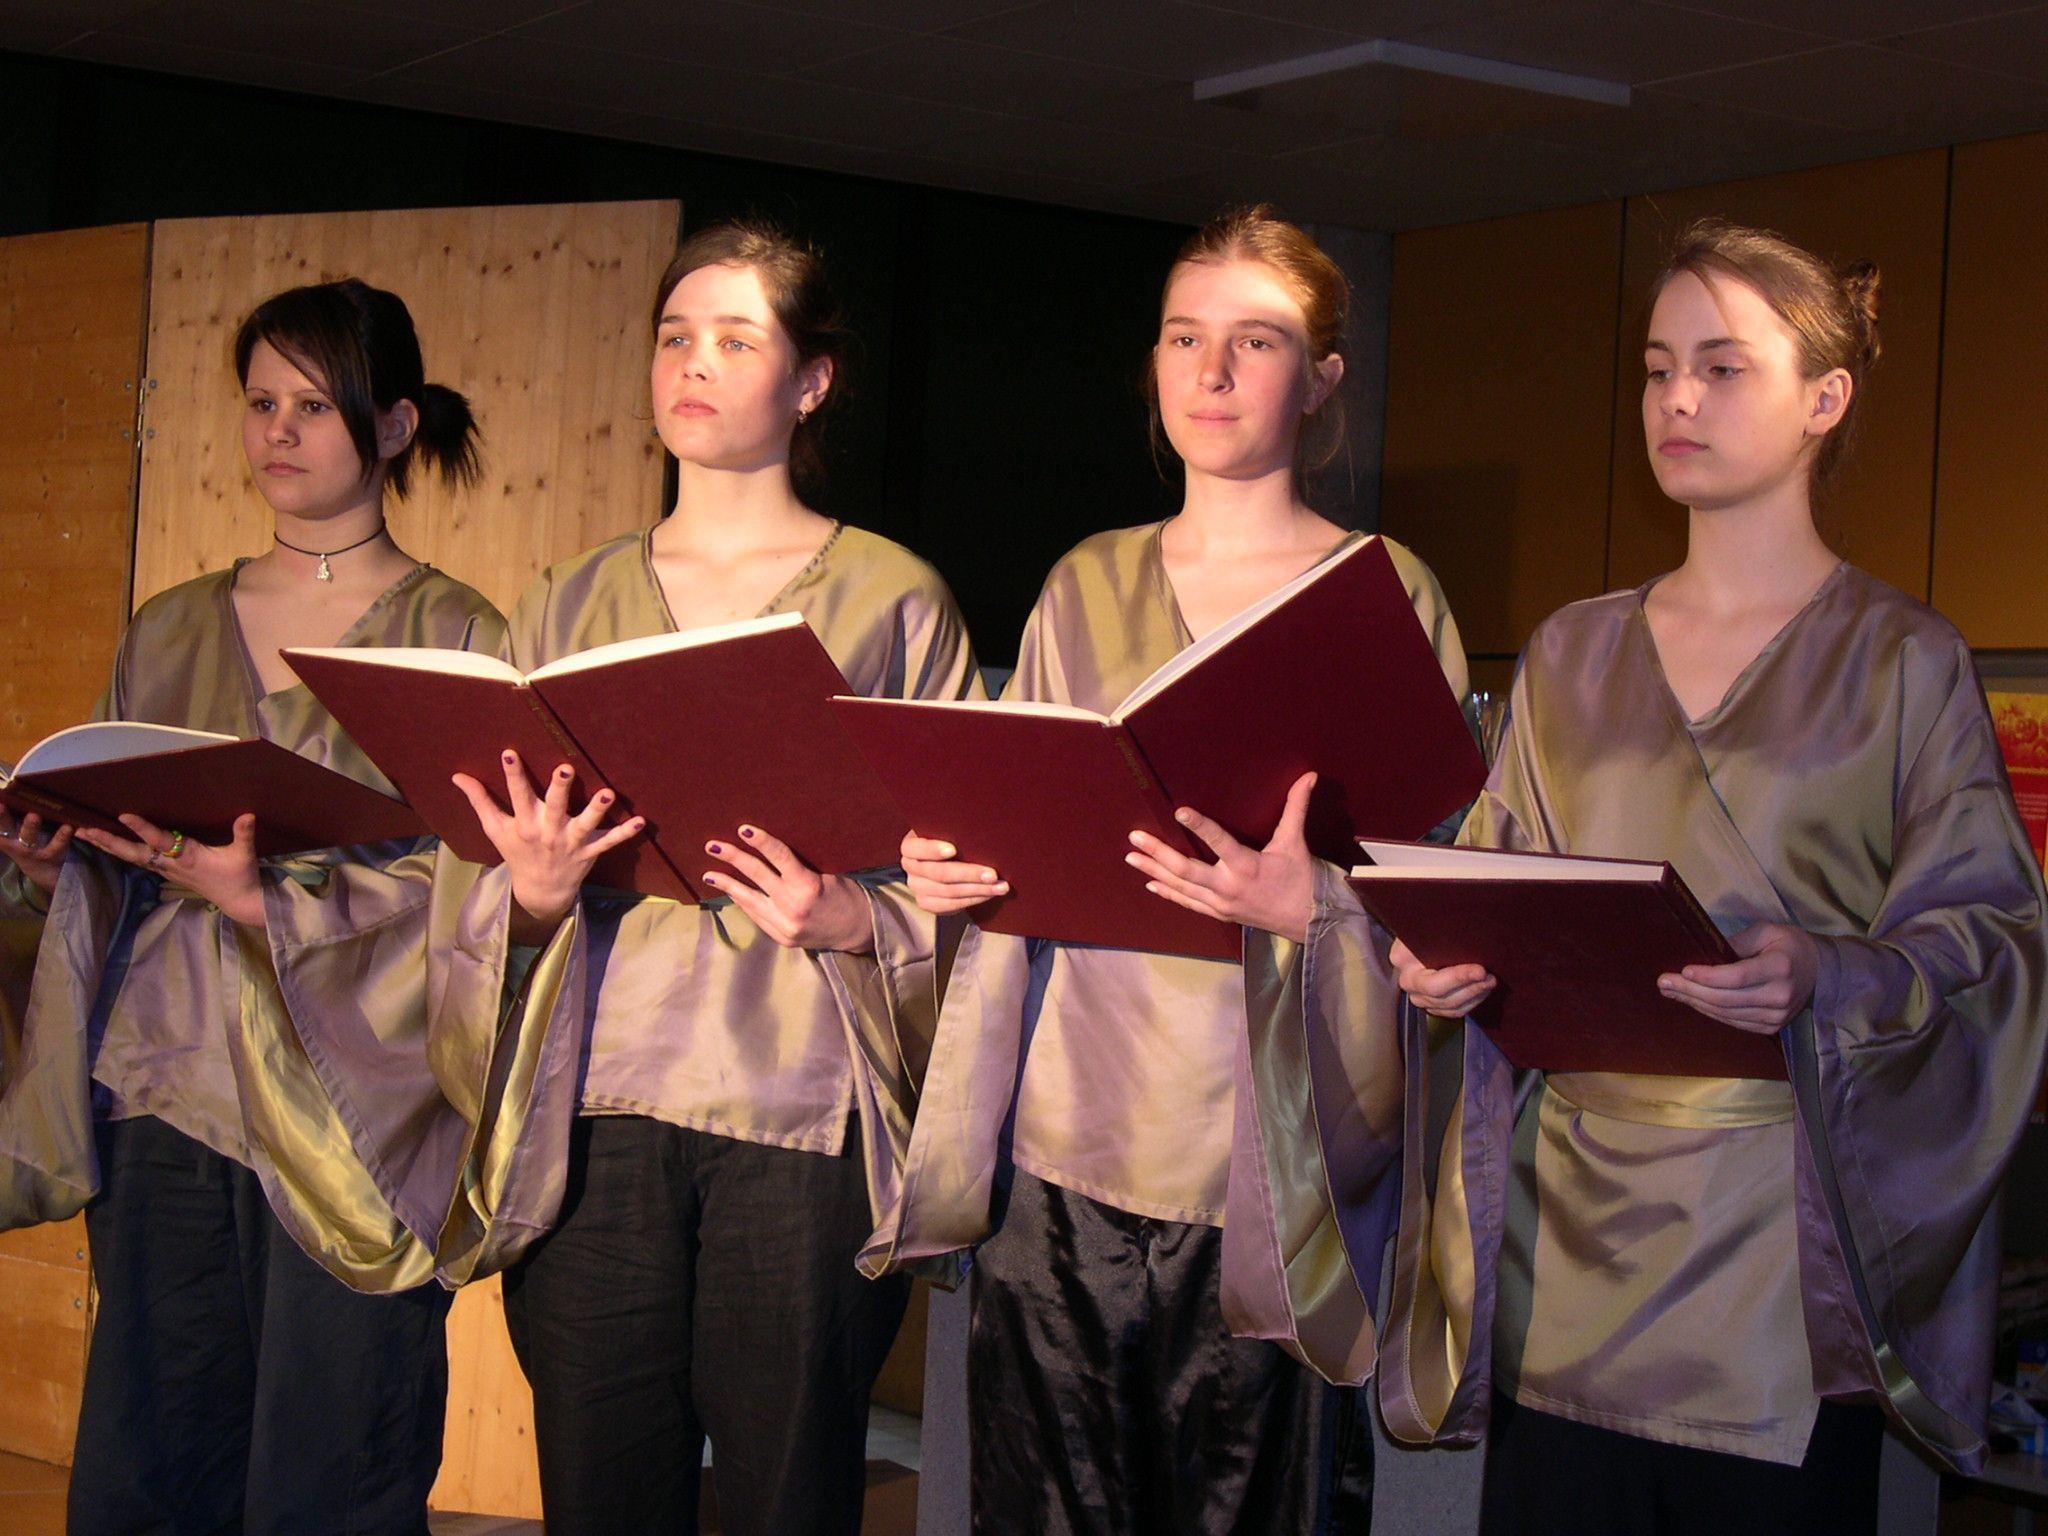 Schüler des BORG Egg präsentieren Textpassagen und begleiten musikalisch.